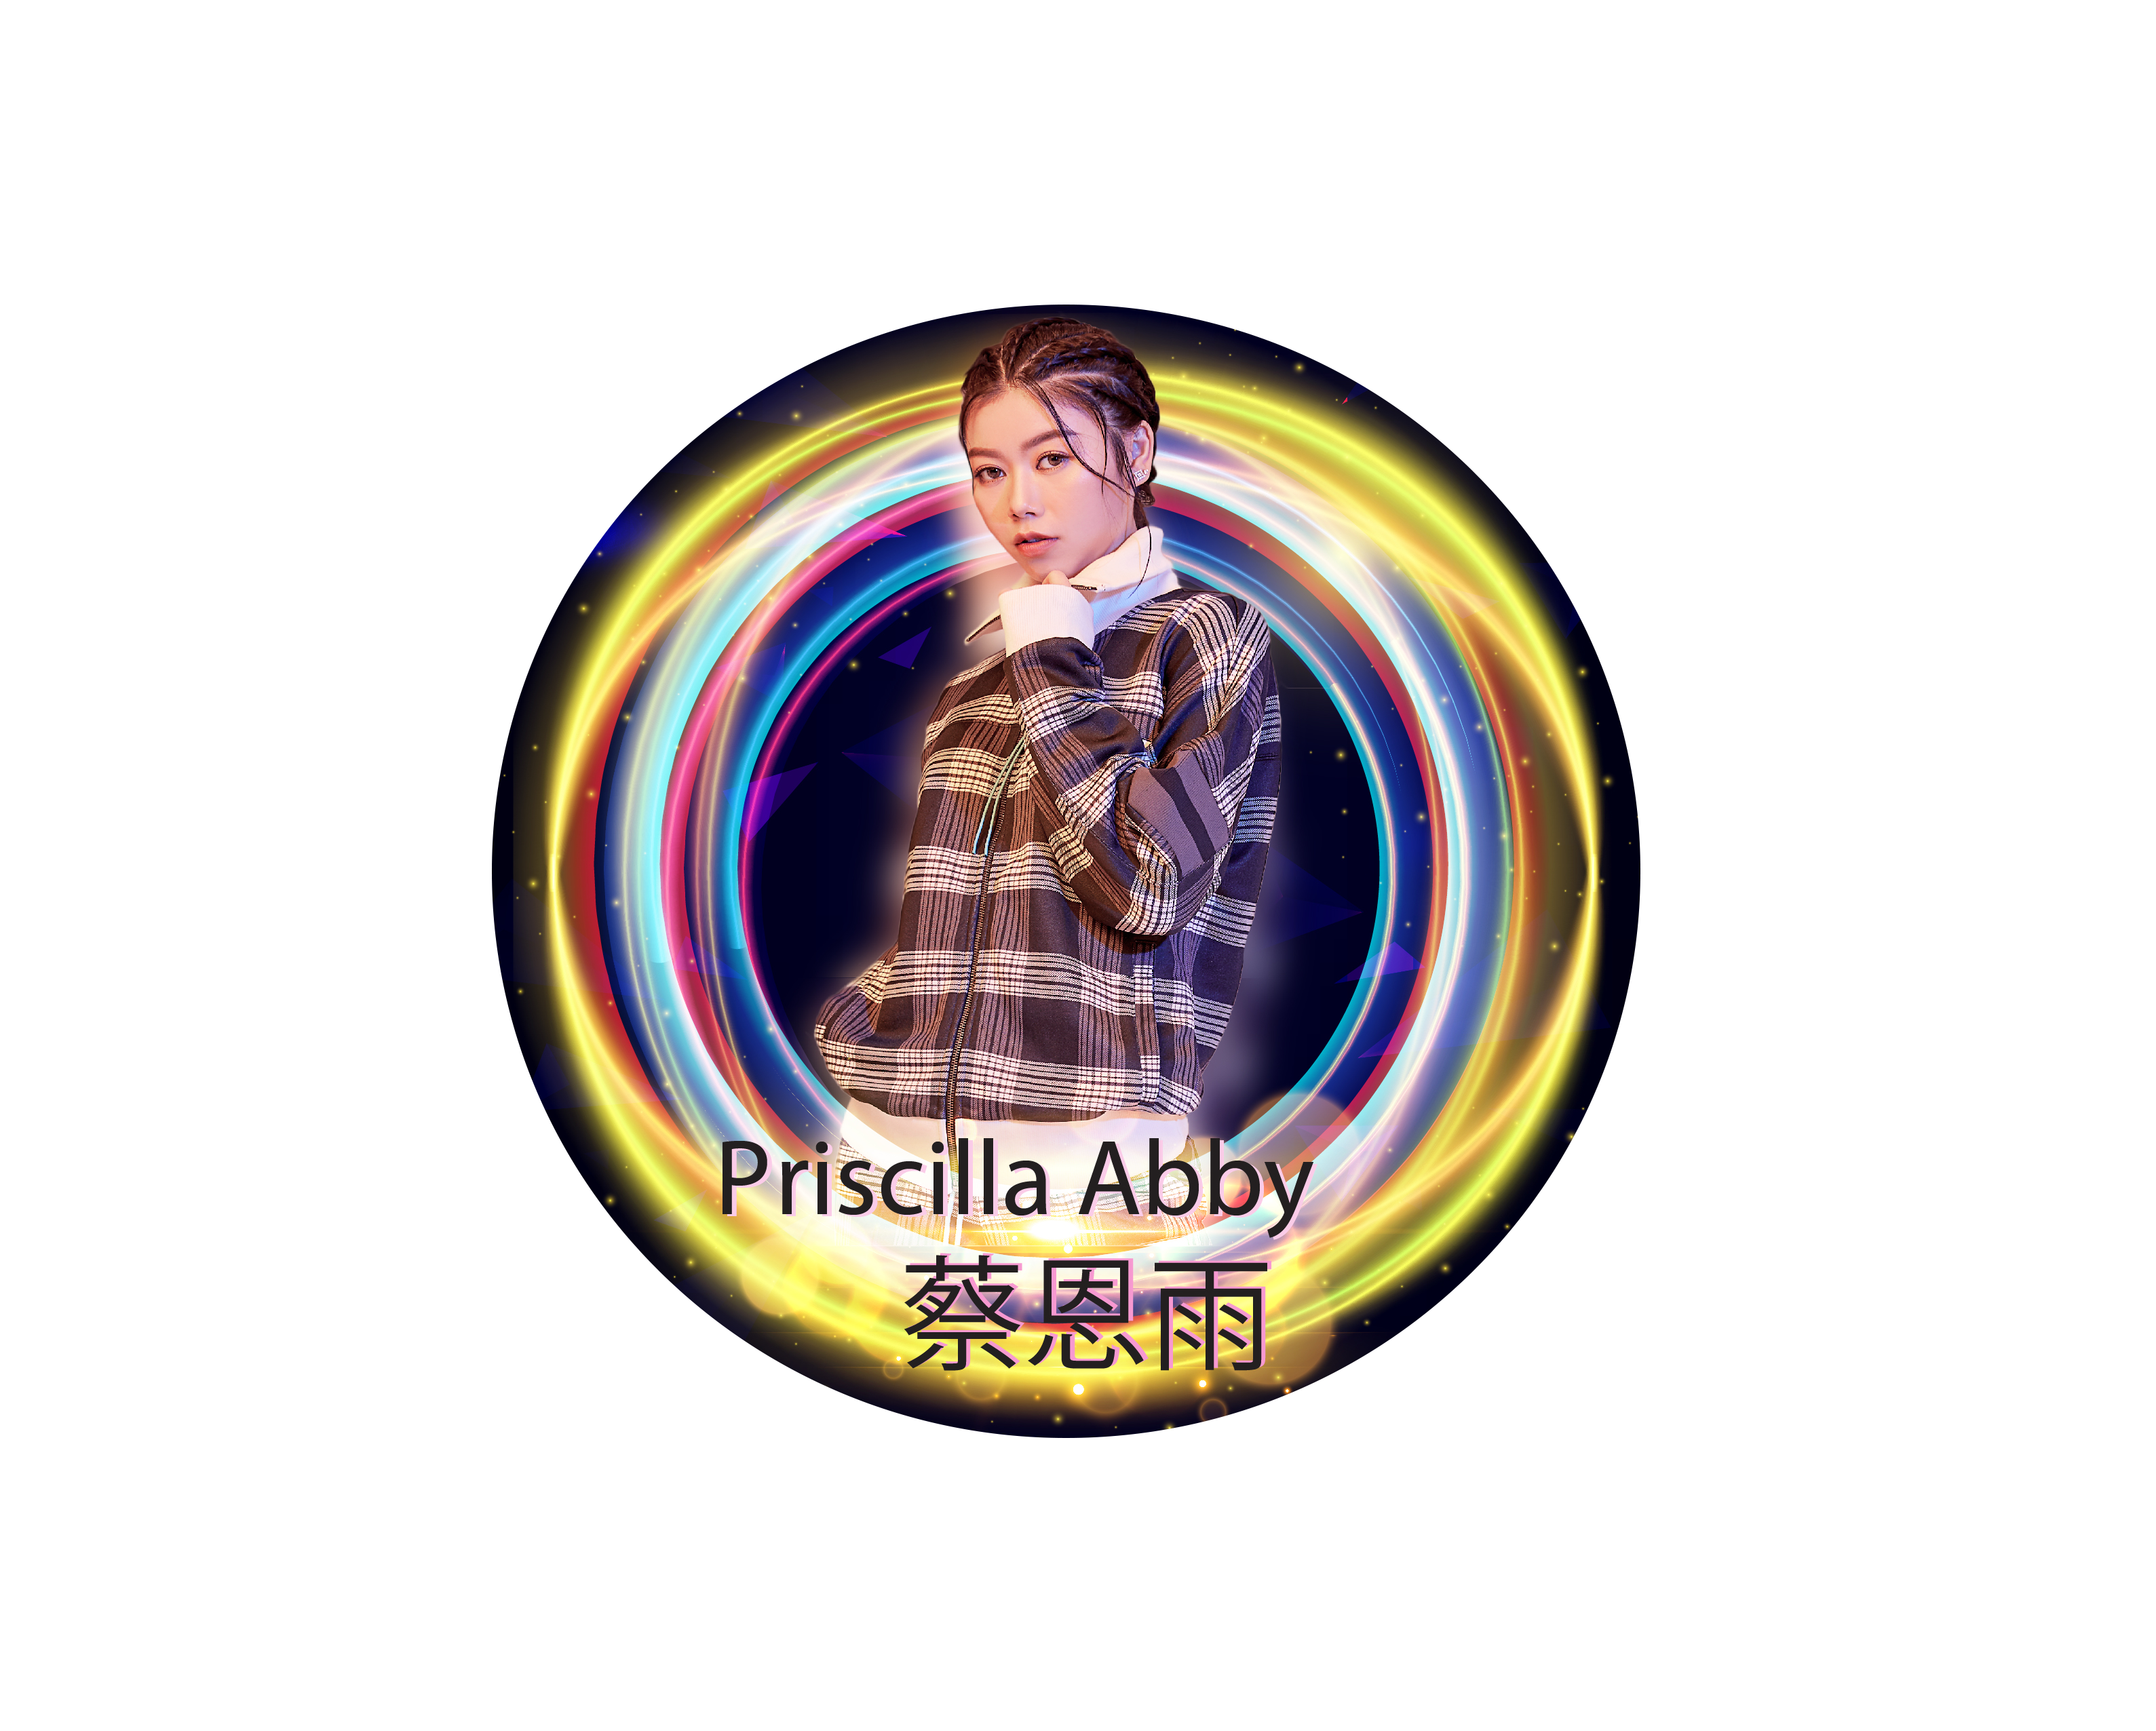 neon artist Priscilla